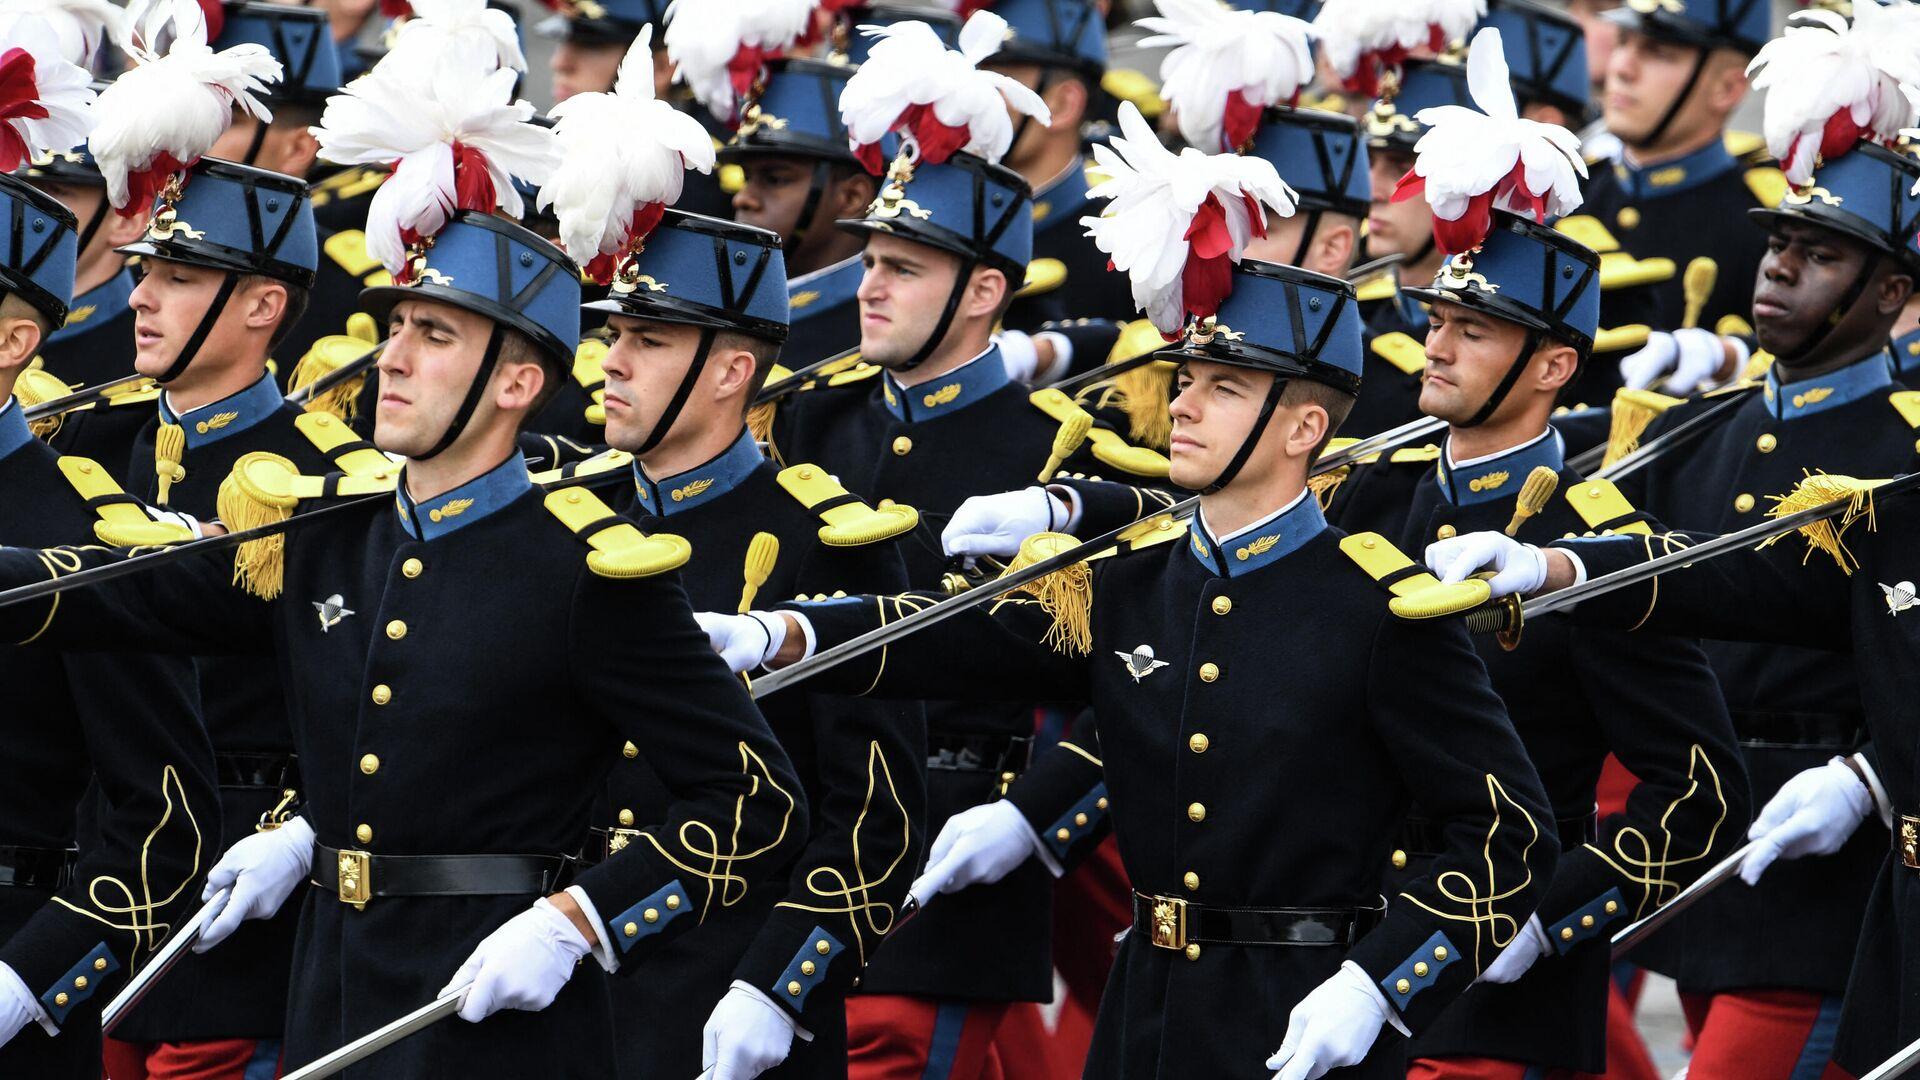 Ученики  cпециальноц военной школы Сен-Сира принимают участие в военном параде в честь Дня взятия Бастилии на Елисейских полях в Париже - РИА Новости, 1920, 11.05.2021